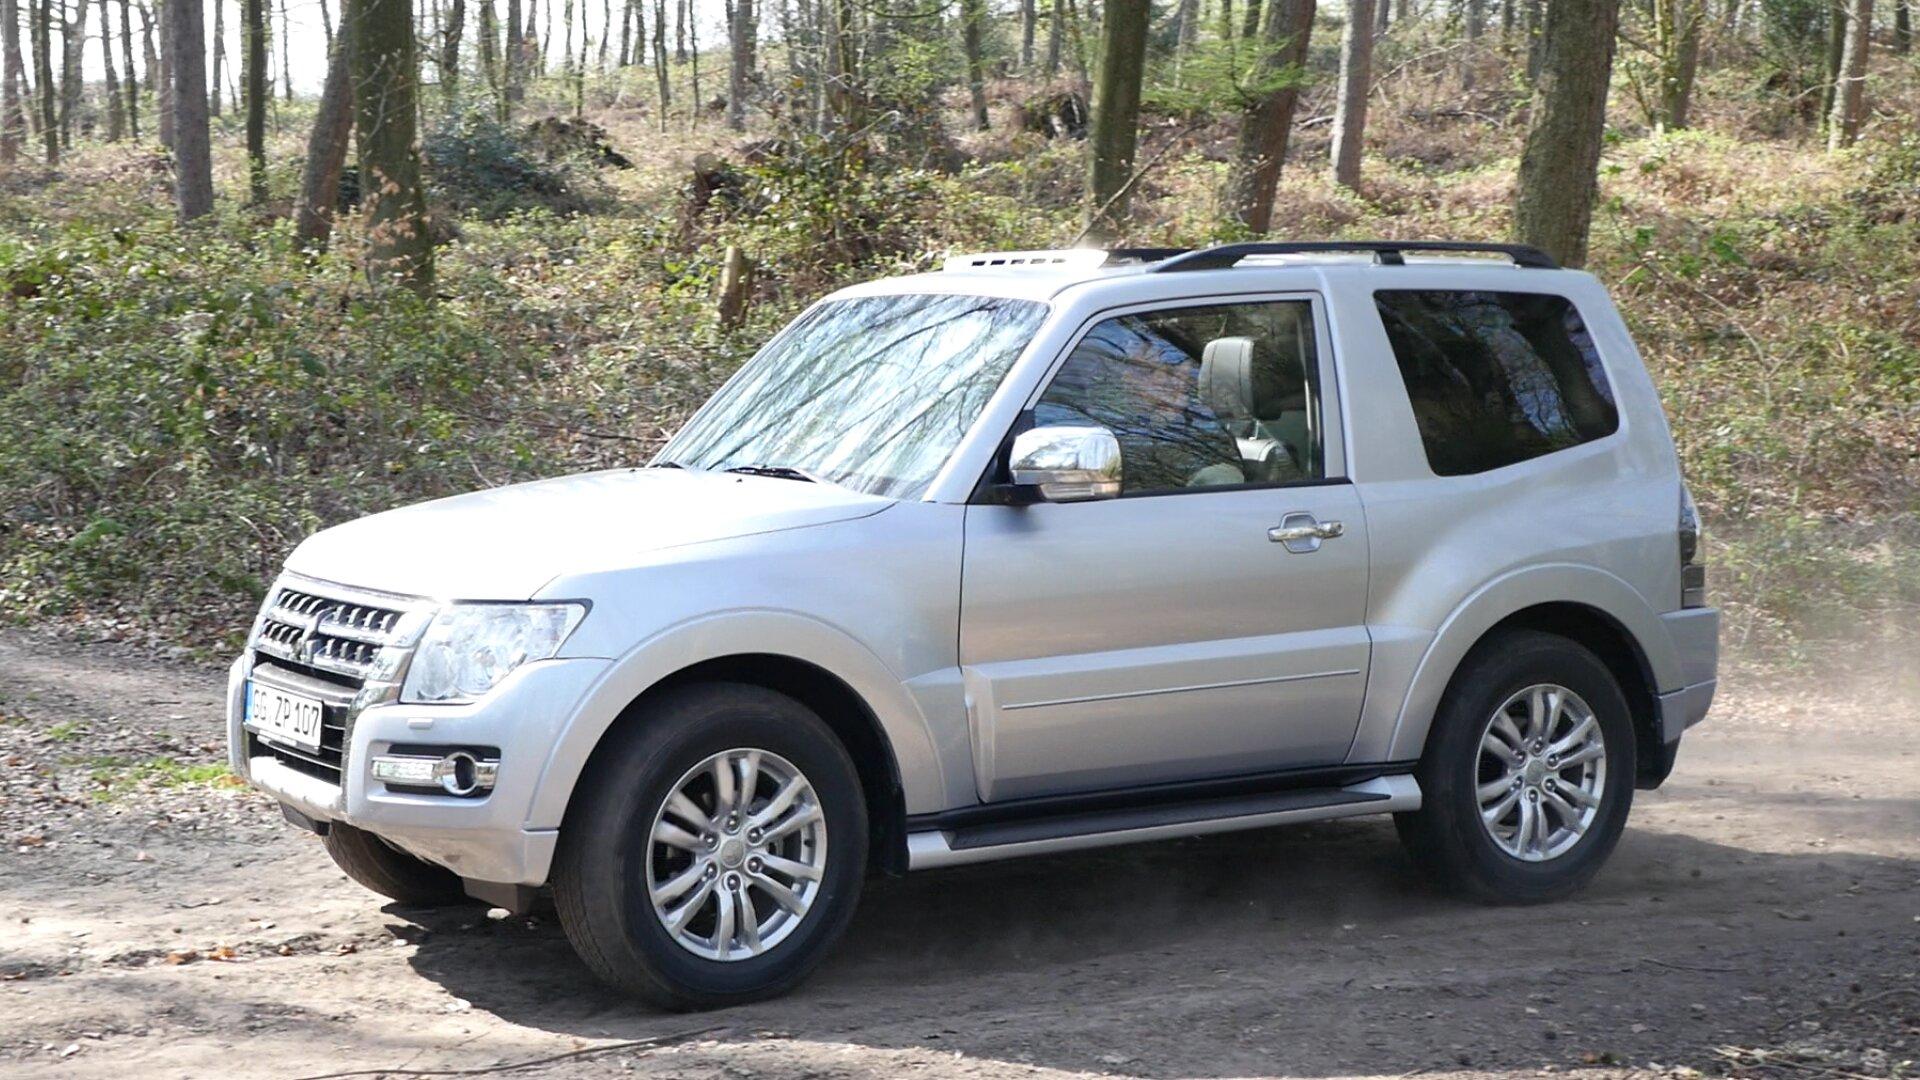 MitsubishiPajero_offroad_3tuerer3